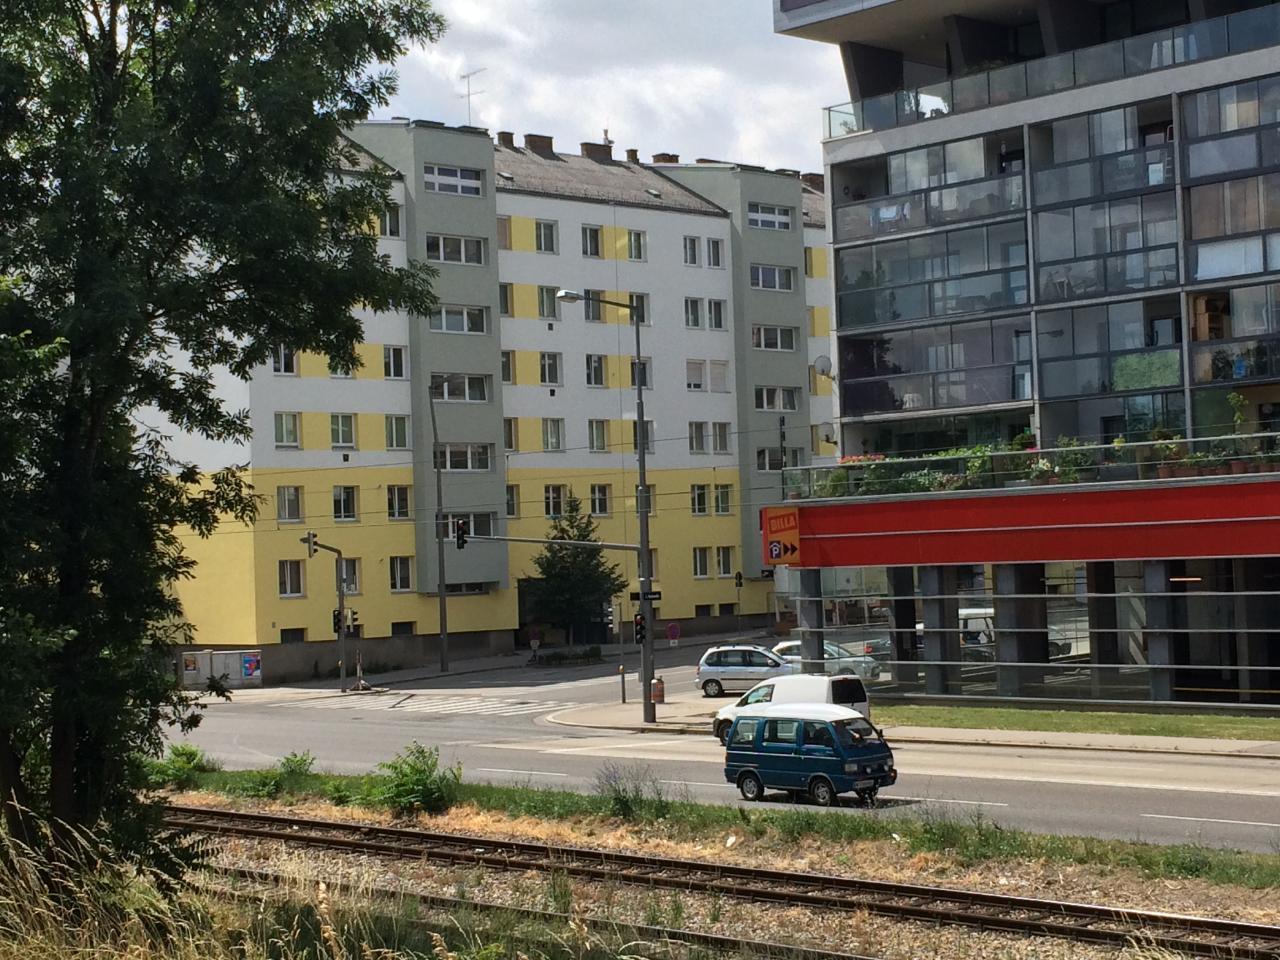 Appartement de vacances 100m² Apartment Donaublick (1521090), Vienne, , Vienne, Autriche, image 32